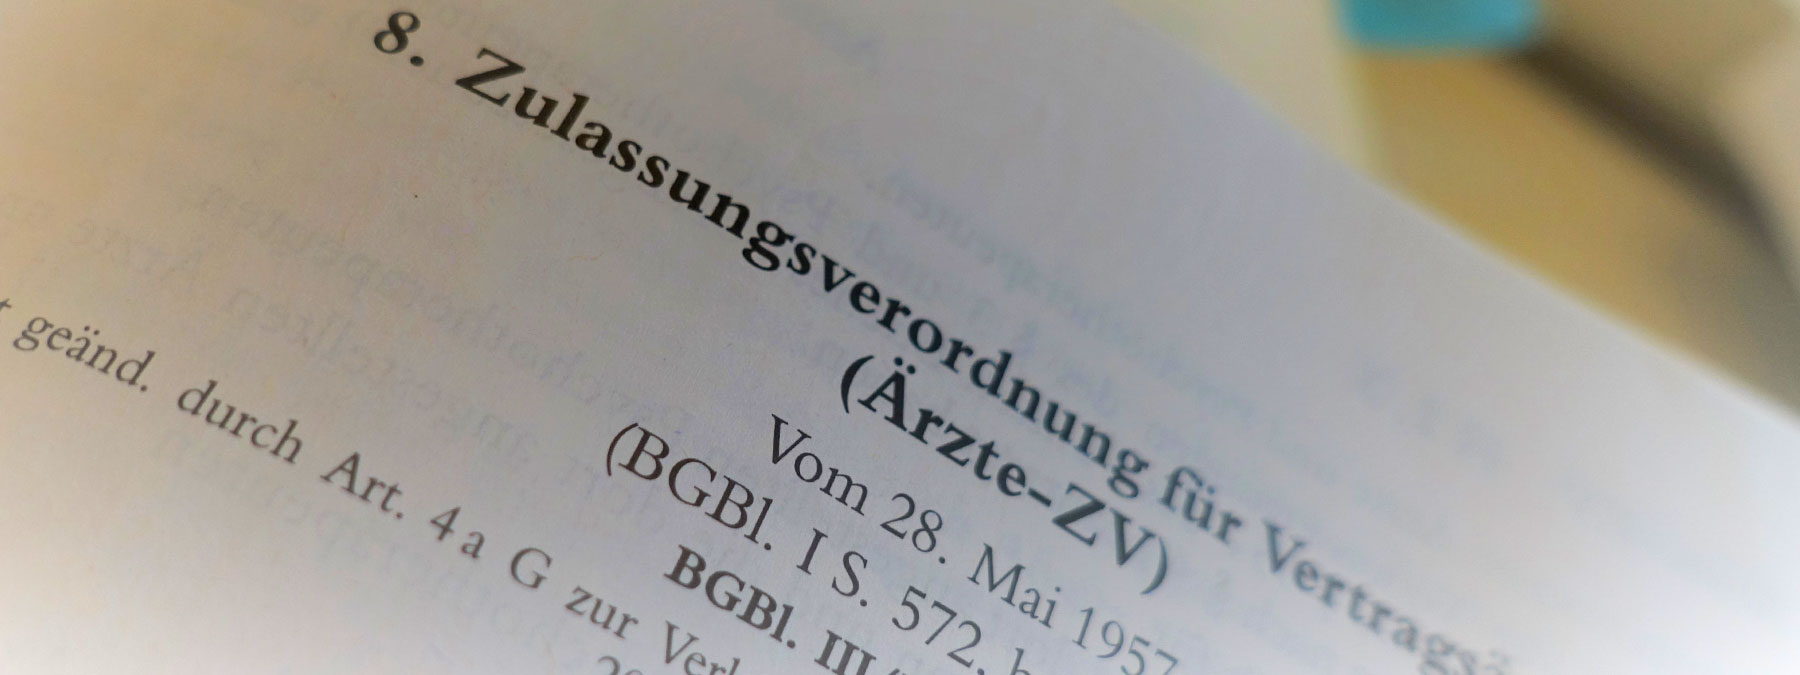 Rechtsanwältin Anke Zapfe, Fachanwältin für Medizinrecht, Fachanwältin für Versicherungsrecht Medizinanwalt Gesundheitanwalt Potsdam Berlin Anwaltskanzlei